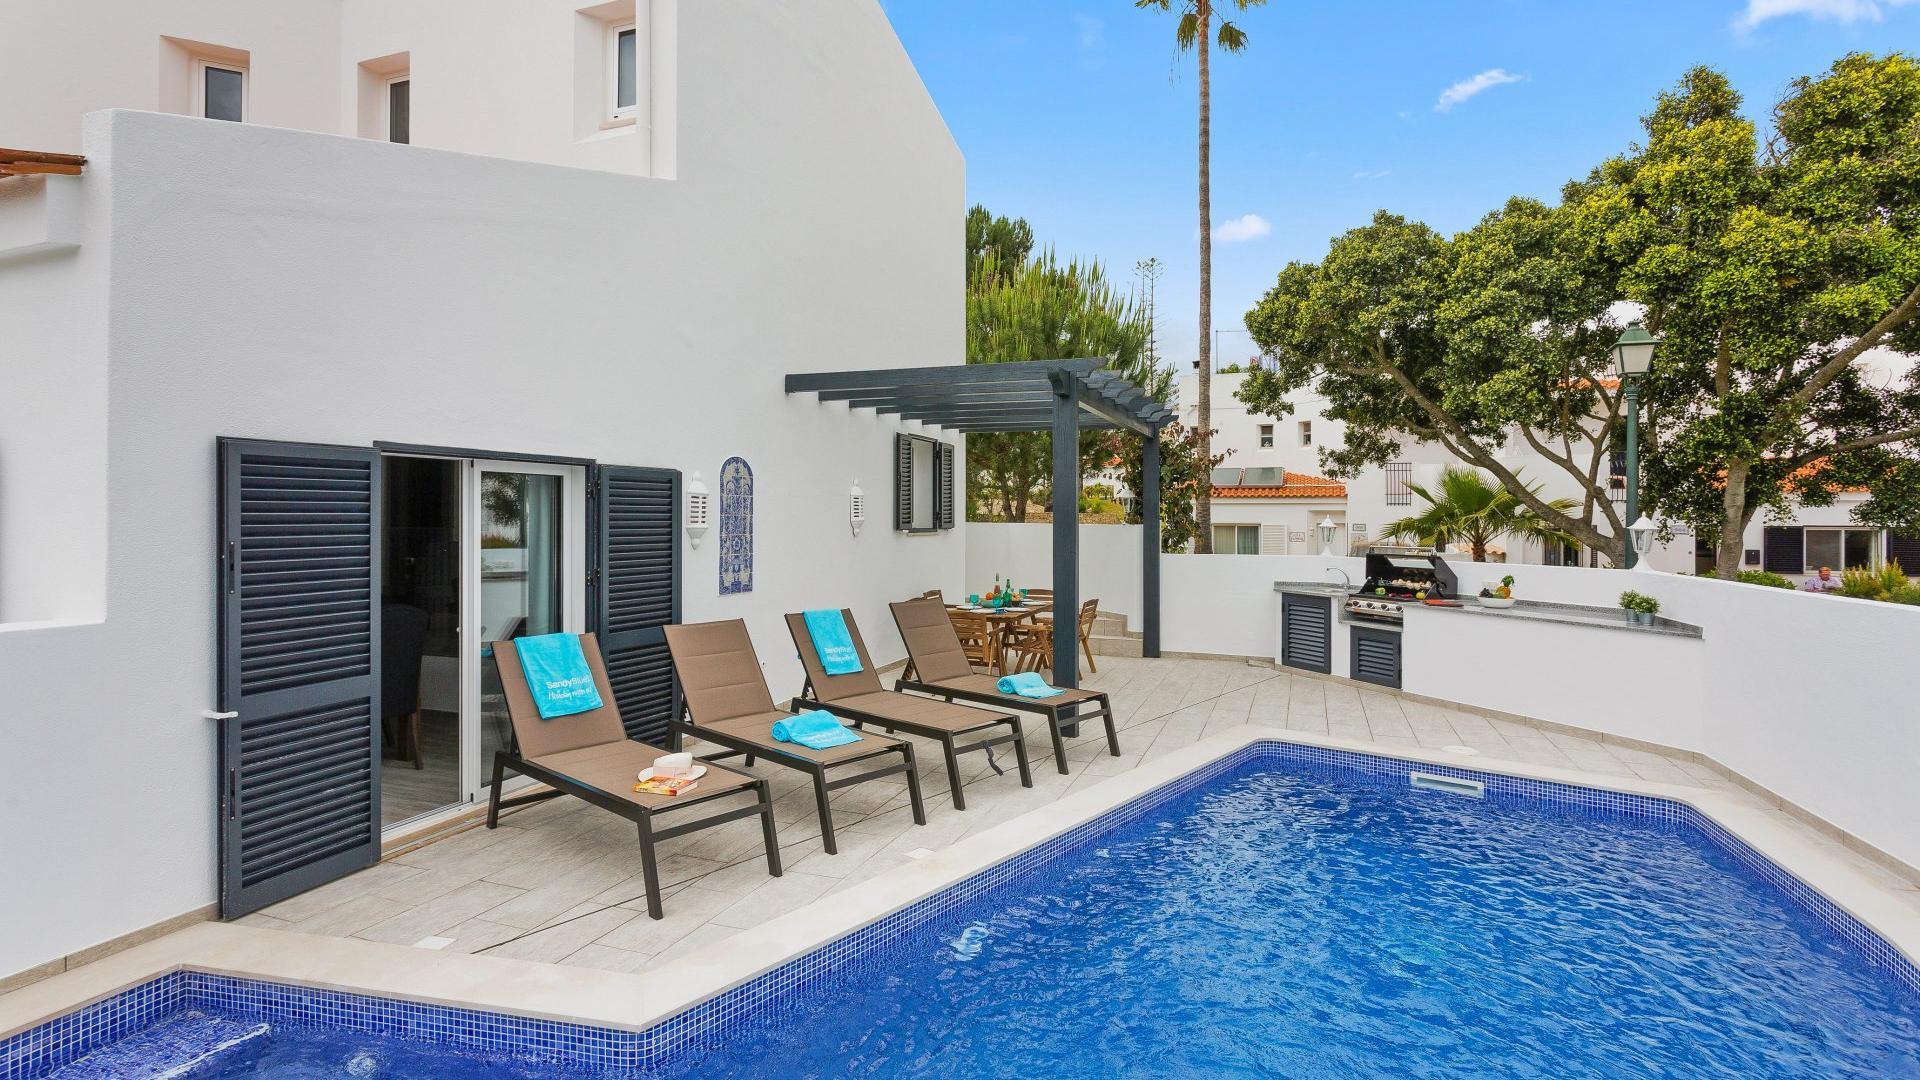 Villa Lavanda - Vale do Lobo, Algarve - _P1_4611.jpg